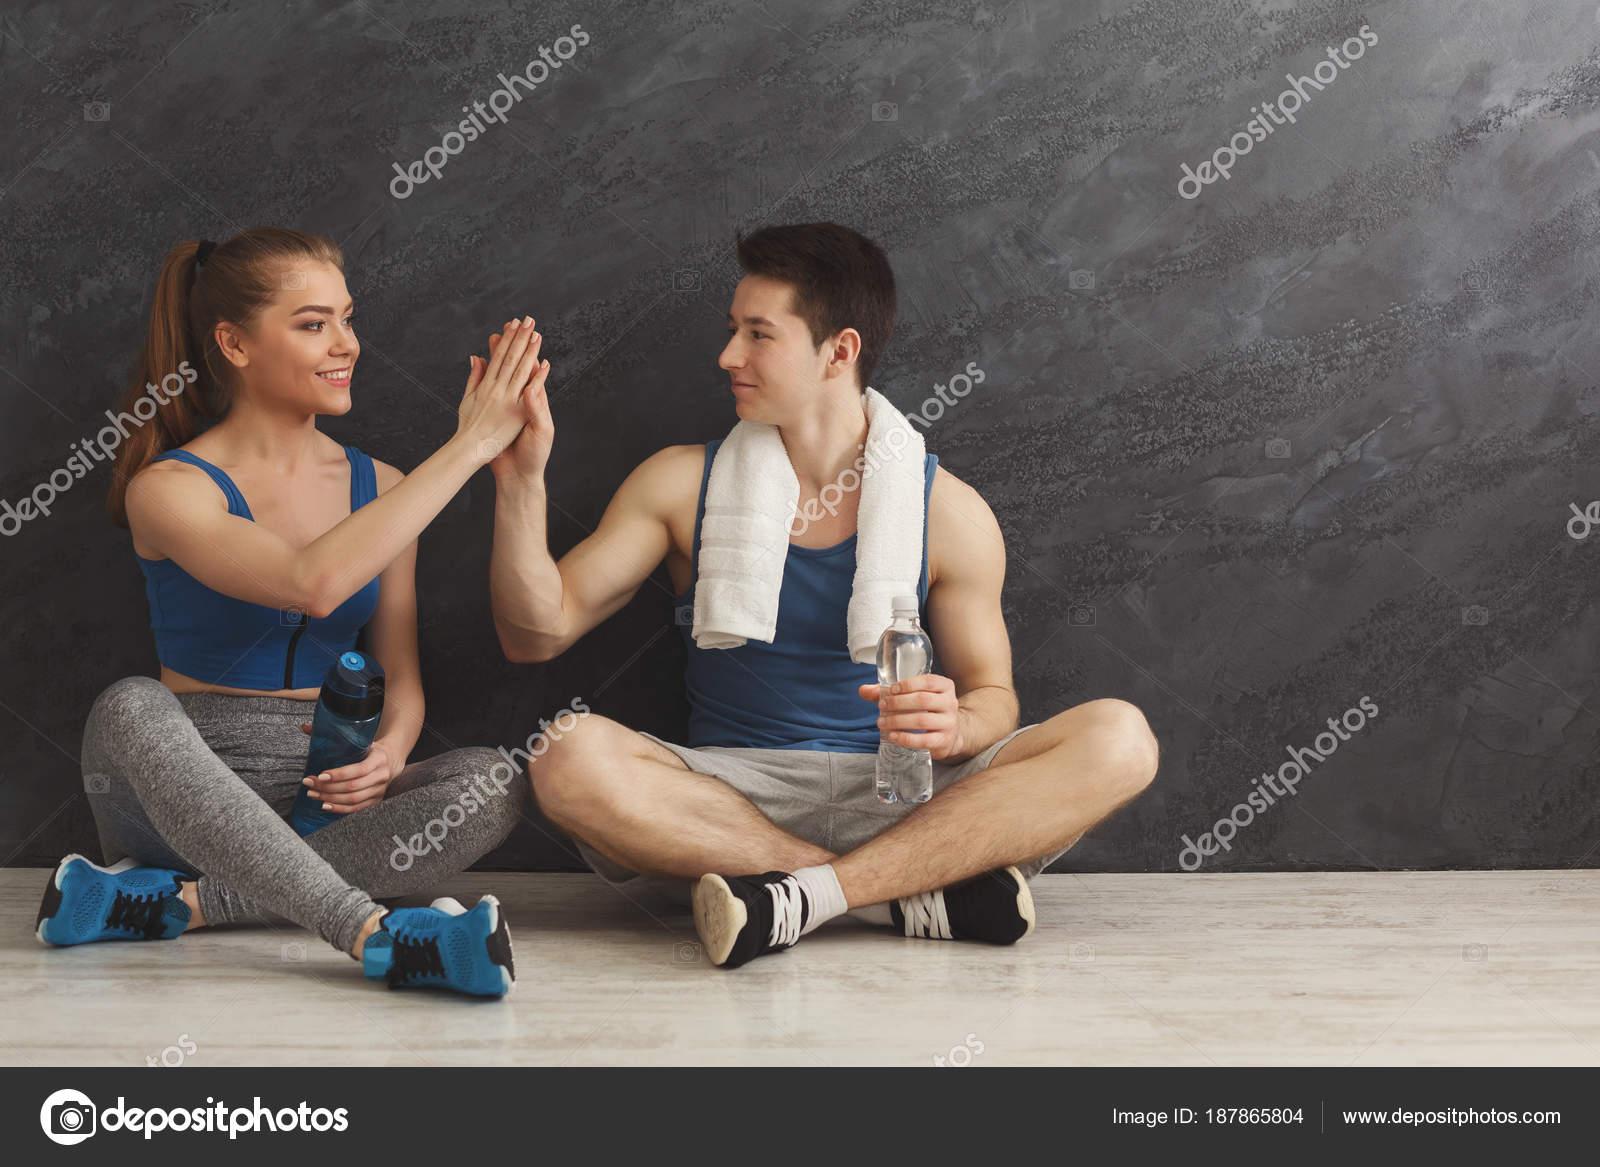 Белой негром лесбийская ли в тренажерном зале мужчина женщина